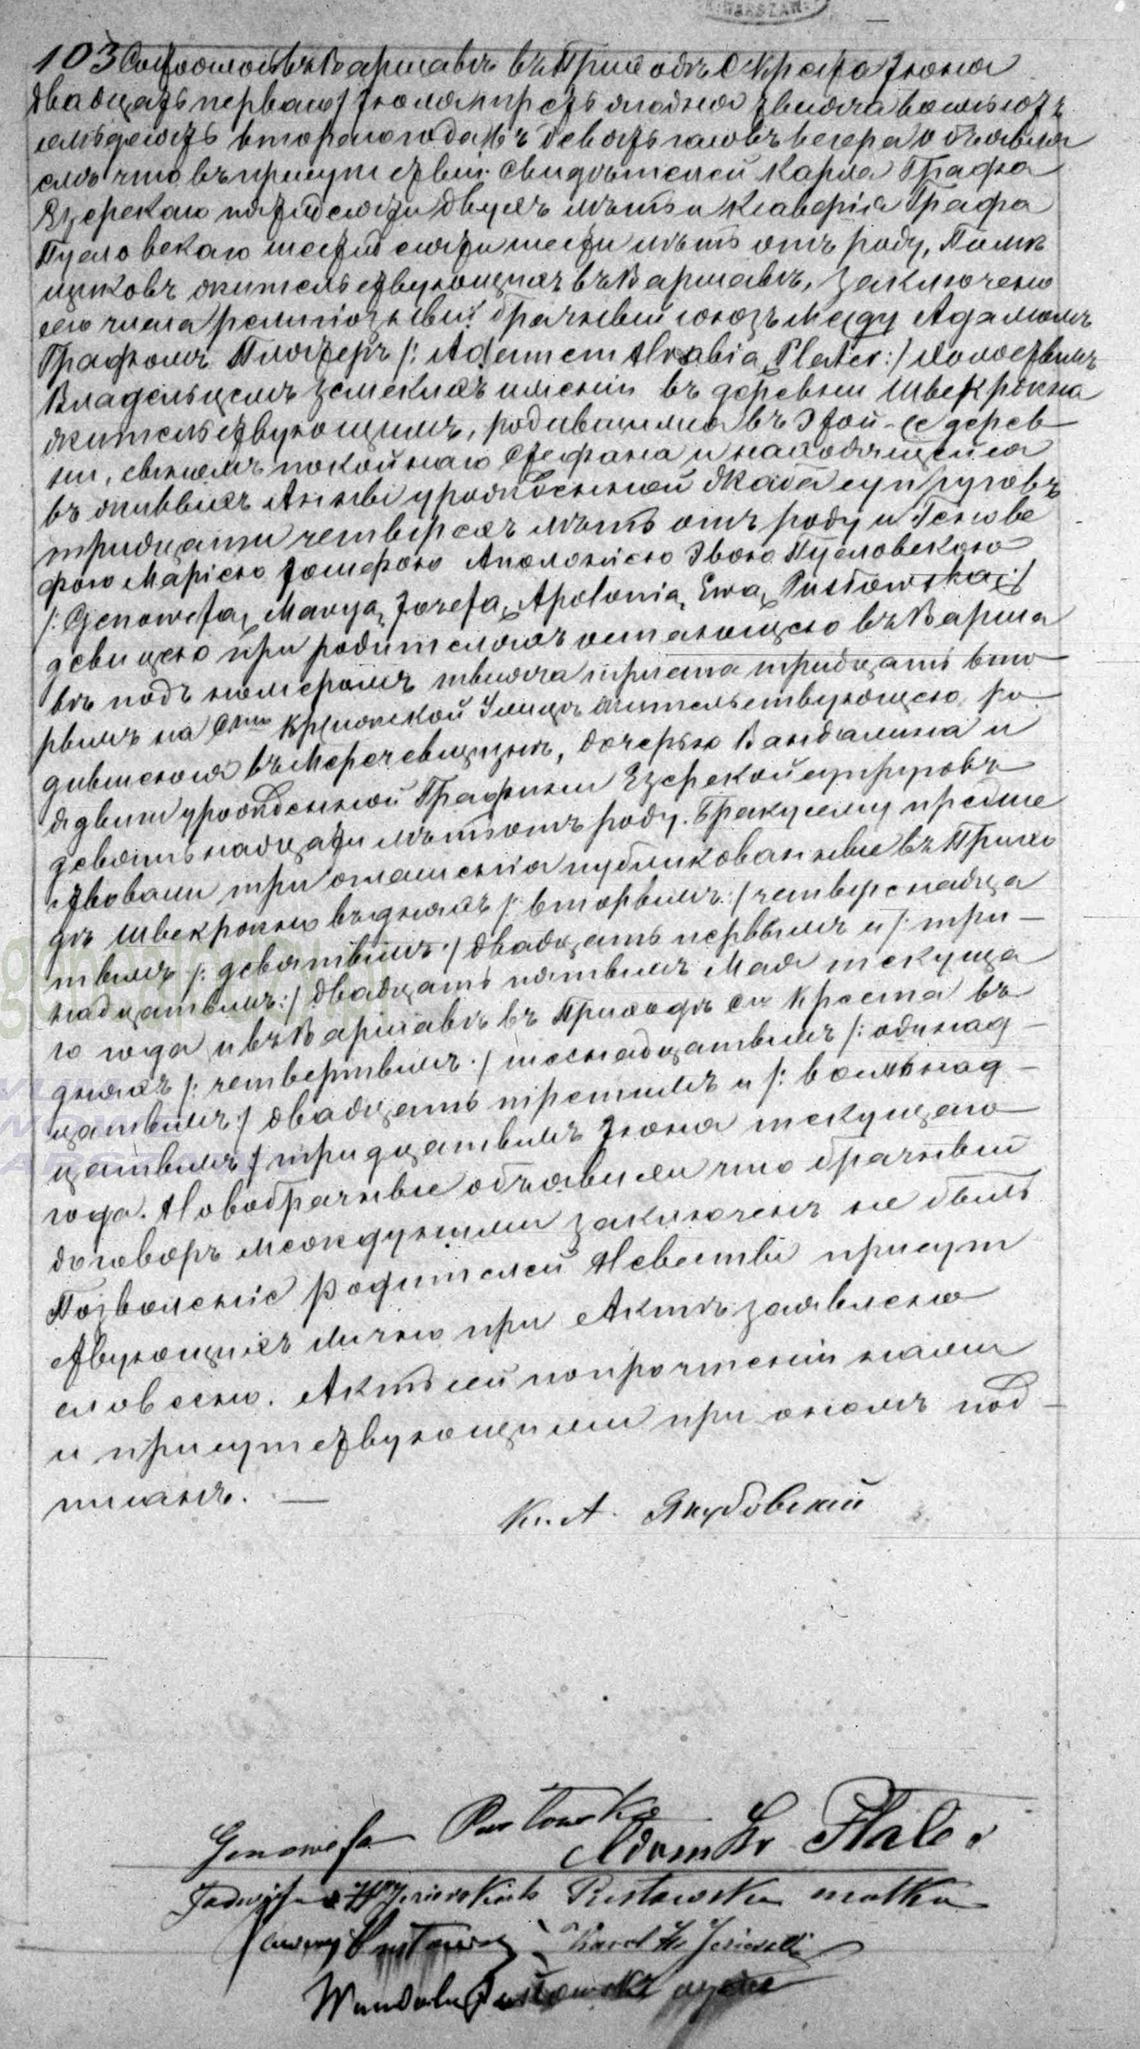 Akt stanu cywilnego małżeństwa Adam Hrabia Plater & Genowefa Maria Józefa Apolonia Ewa Pusłowska 21.06/03.07.1872 r.